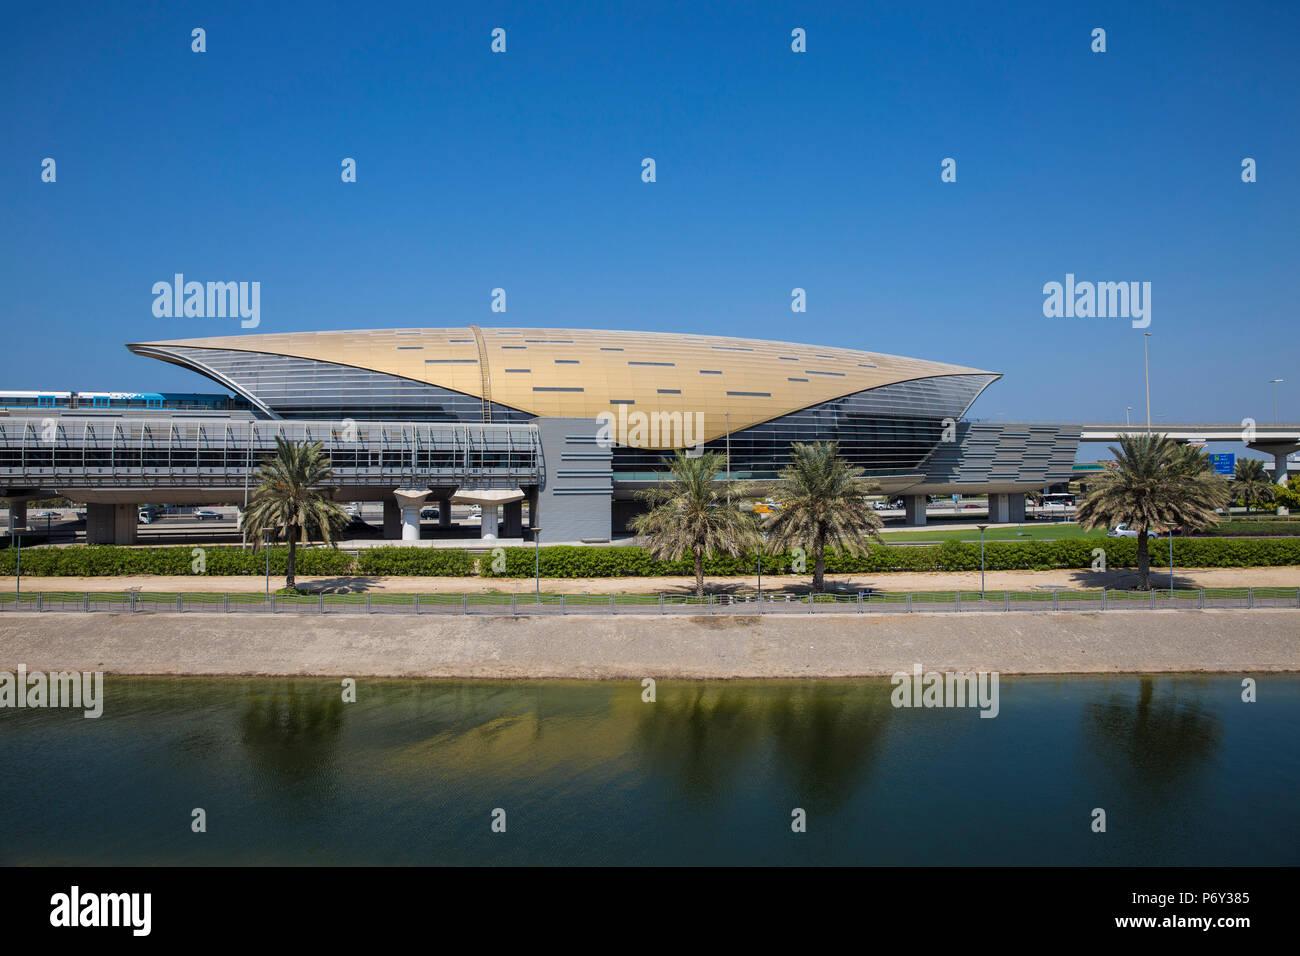 Emirati Arabi Uniti Dubai Mall of the Emirates stazione della metropolitana Immagini Stock